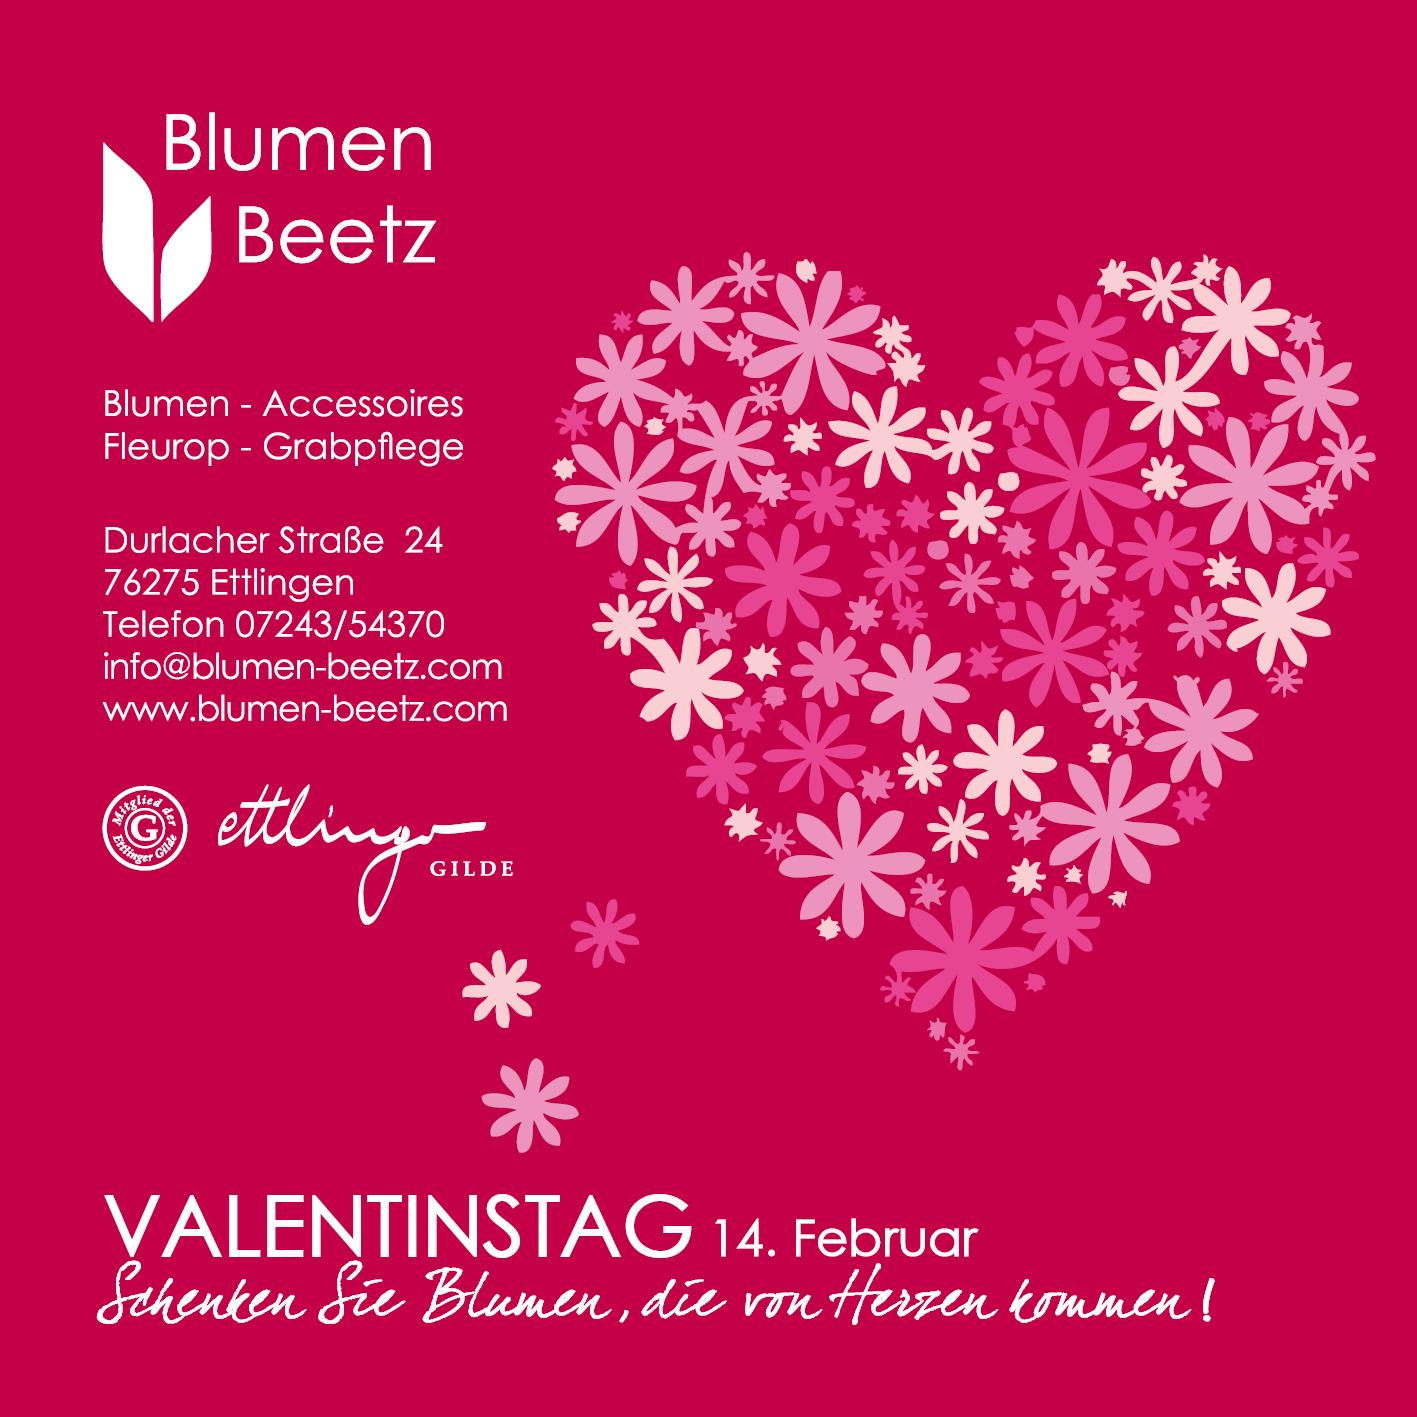 Blumen Beetz: 14. Februar - Valentinstag